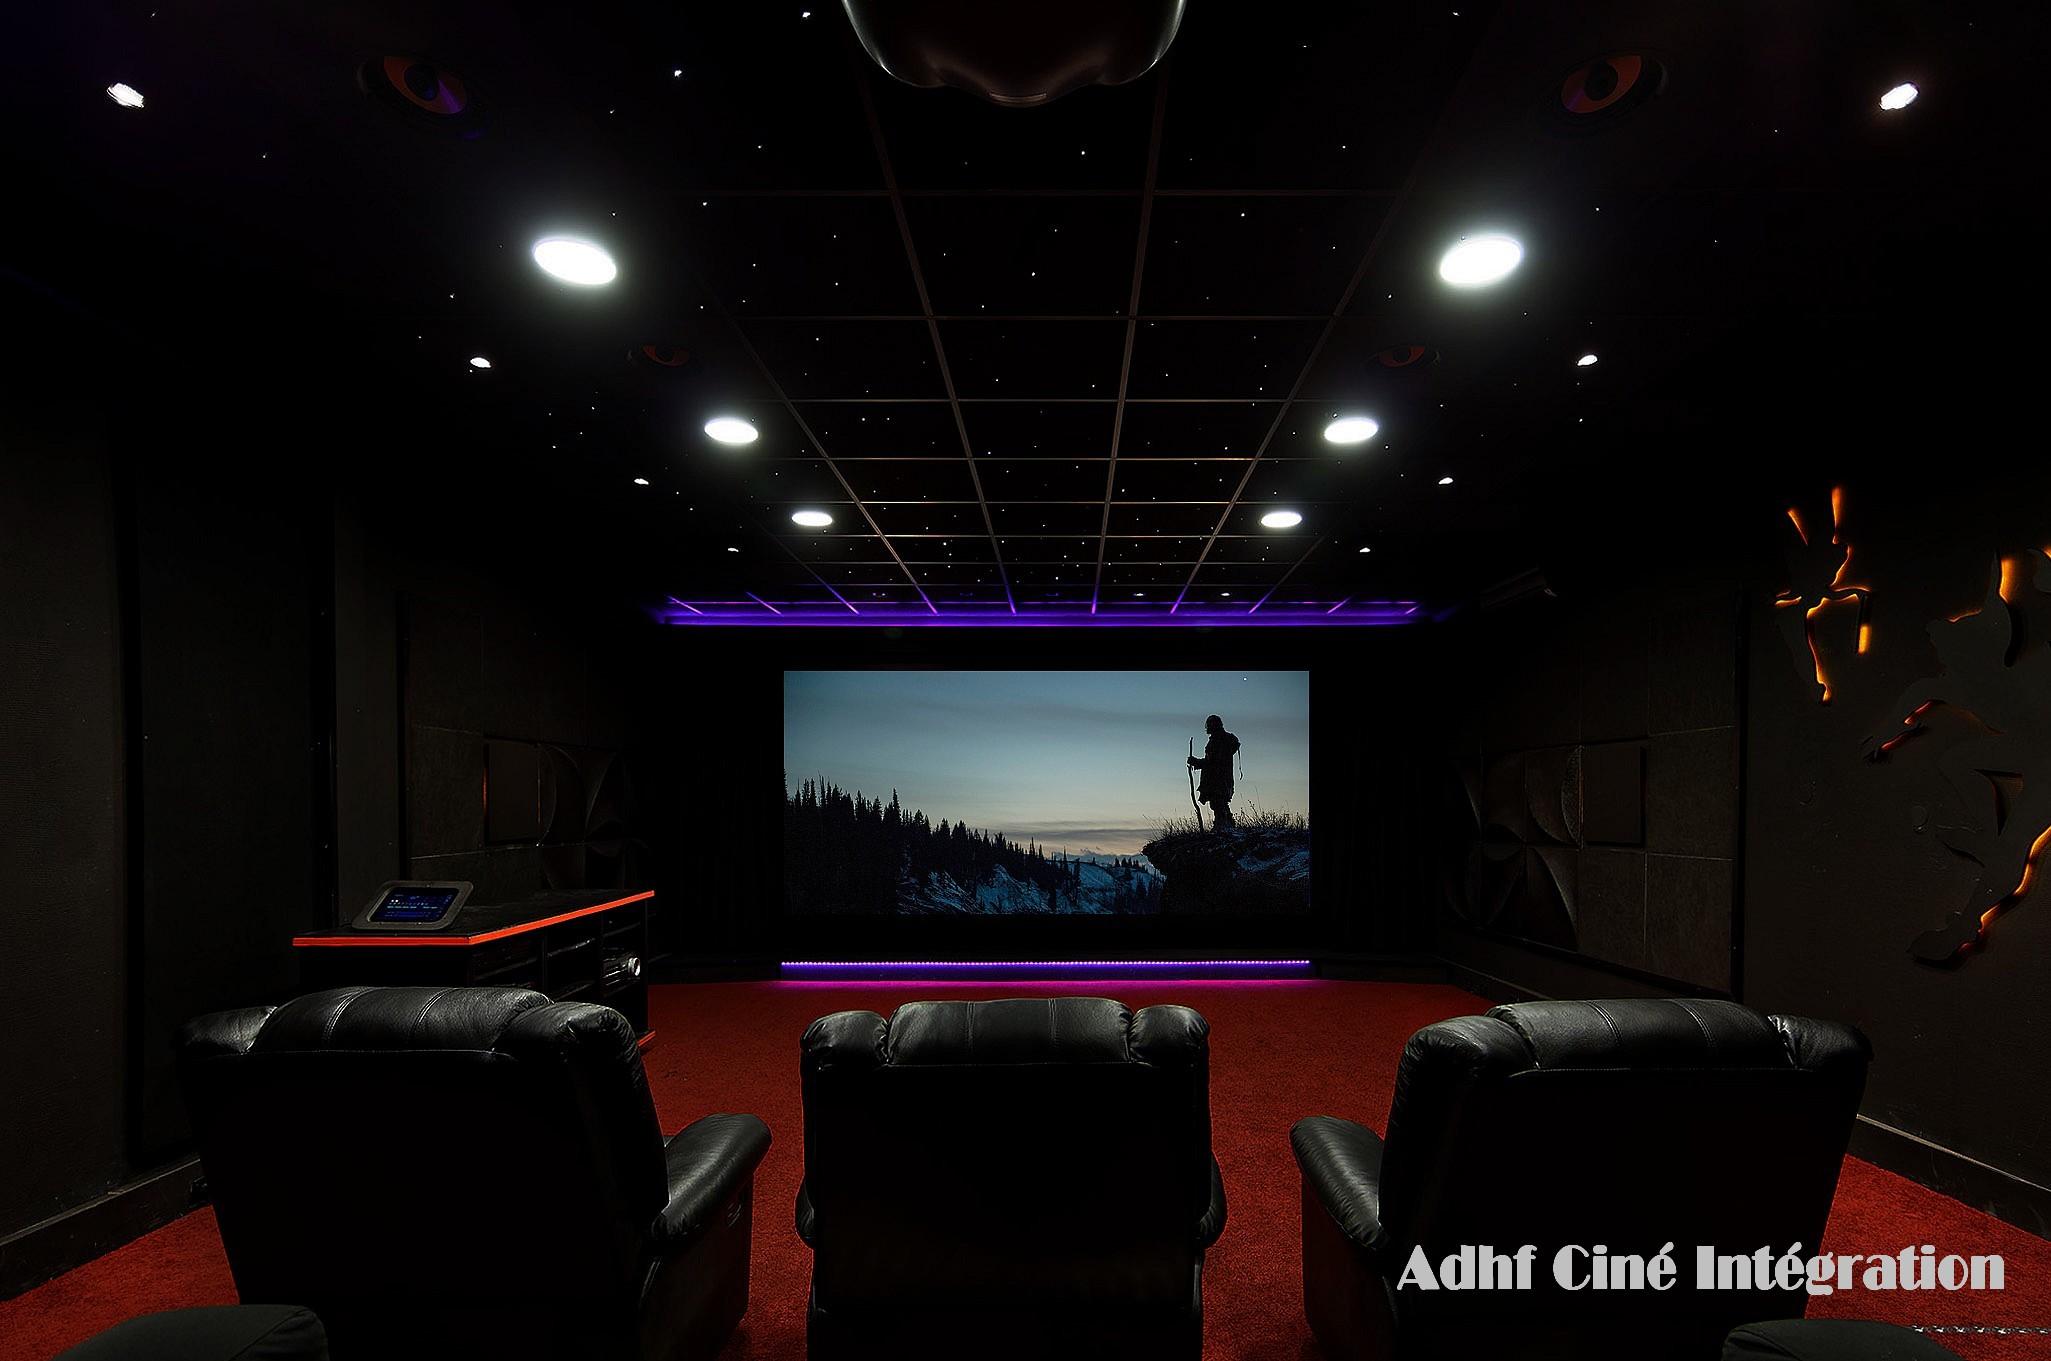 photo salle de cinema sallecinema vue horizontale de cinma prive la maison banque duimages. Black Bedroom Furniture Sets. Home Design Ideas